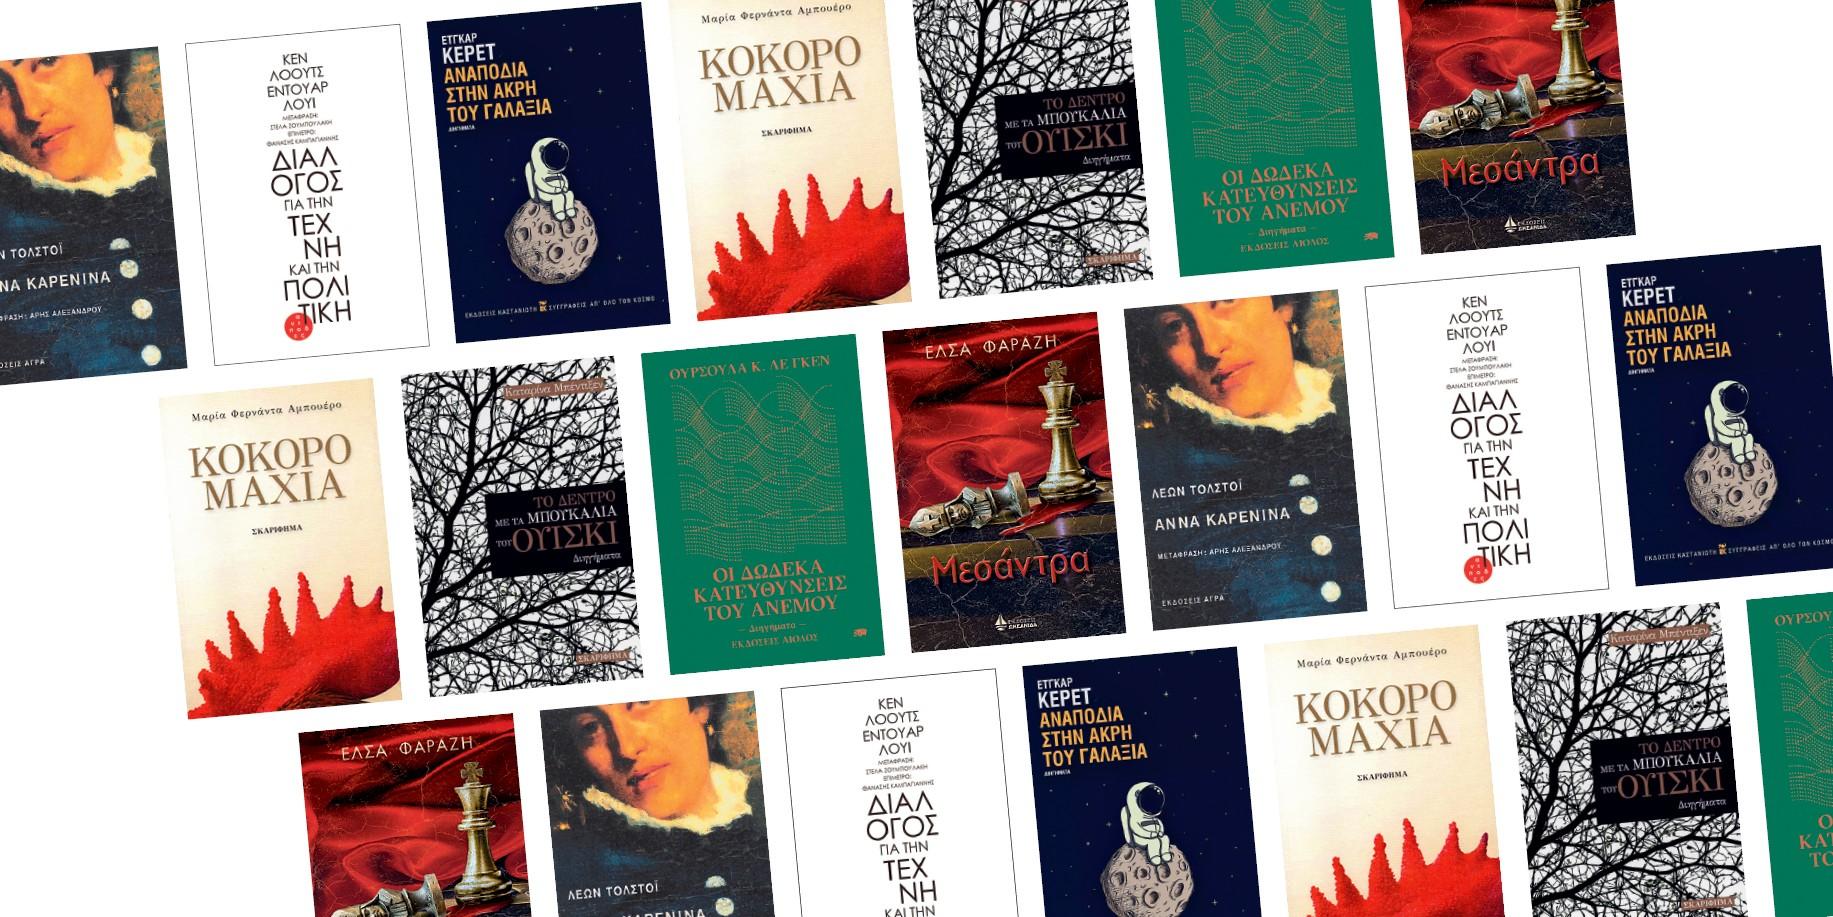 6+1 βιβλία που θα διαβάσουμε με το που μπει ο Νοέμβρης Πολλά διηγήματα, ένα σπουδαιο κλασικό έργο και μια πολιτική συζήτηση μεταξύ δύο μεγάλων δημιουργών. Αυτά είναι τα βιβλία τις σελίδες των οποίων θα βρέξουν οι  ψιχάλες του Νοεμβρίου.